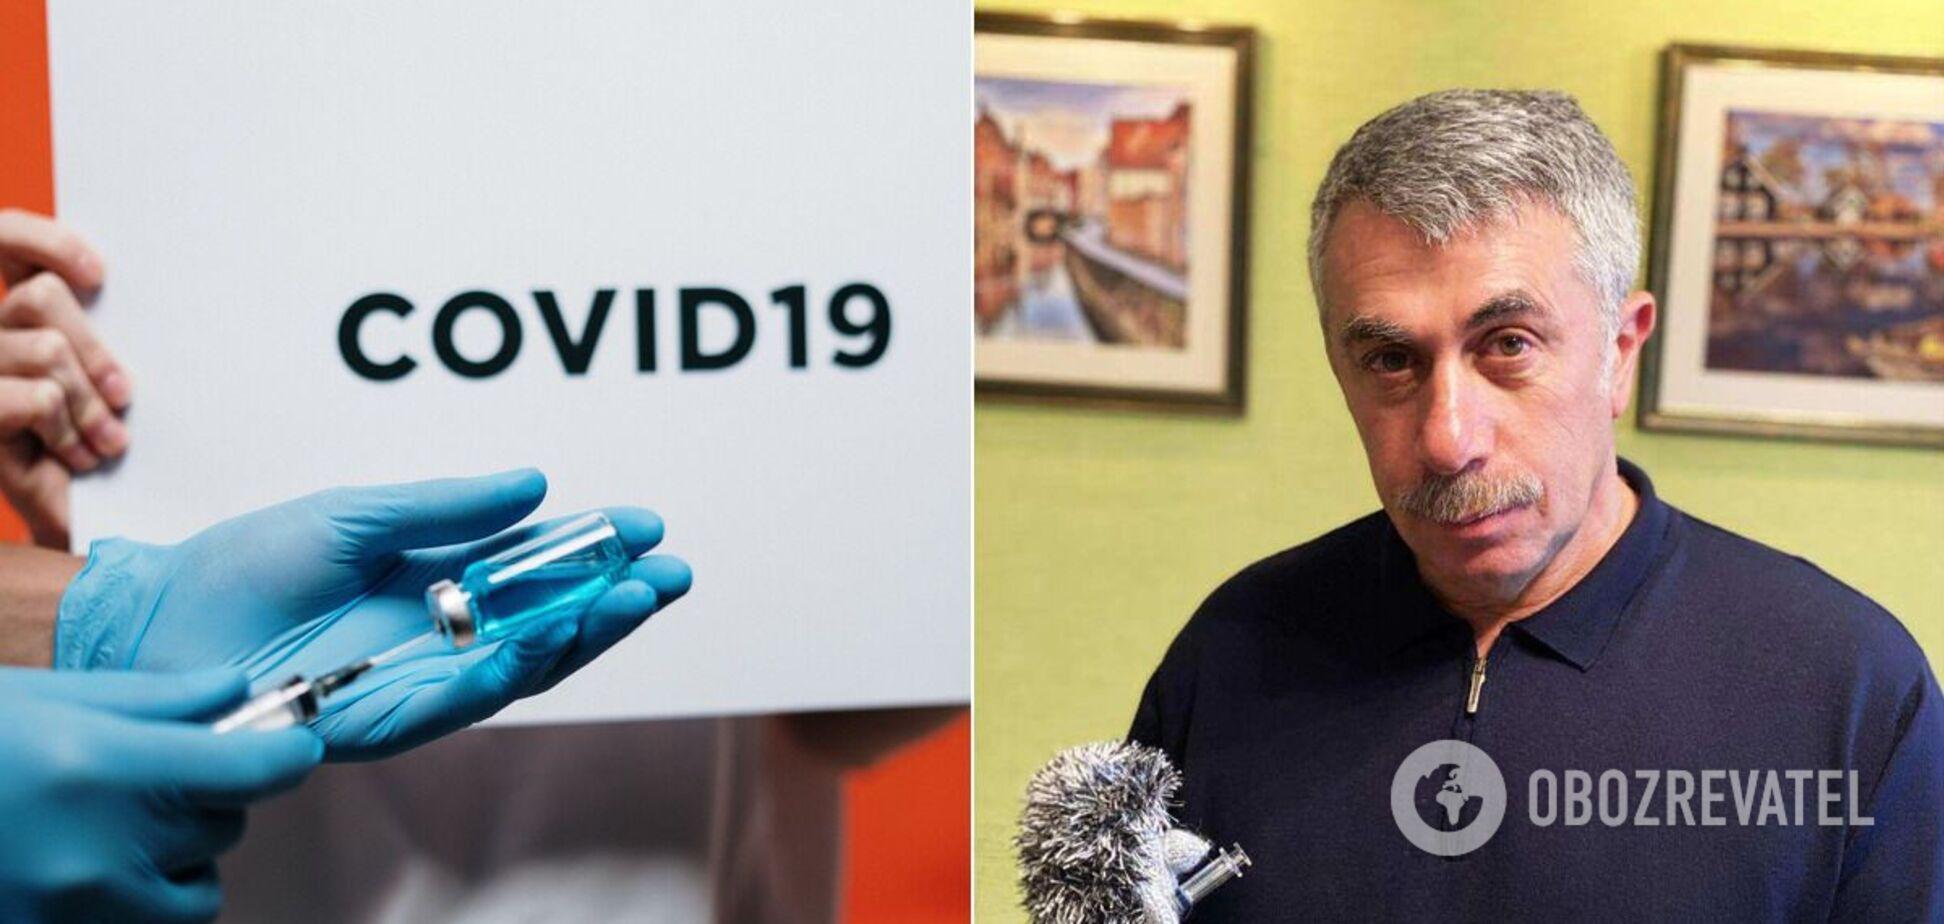 Комаровский высказался о вакцинах против COVID-19